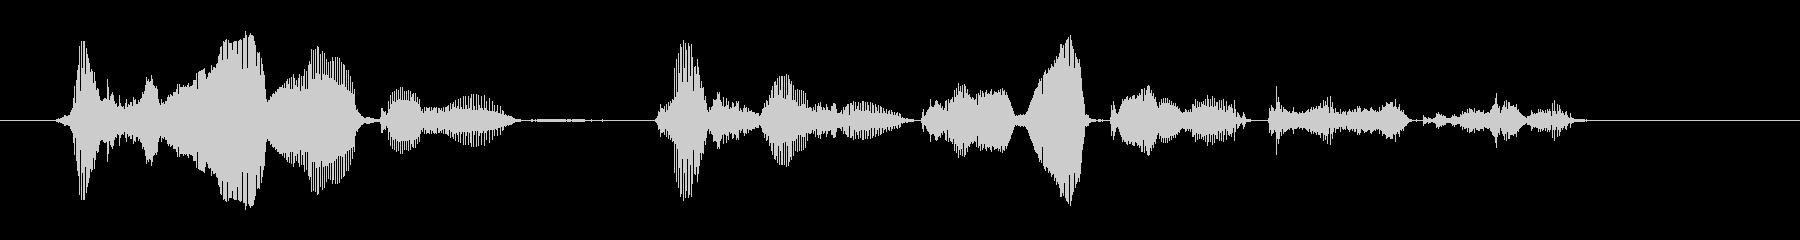 発信音のあとに、メッセージを10秒間で…の未再生の波形